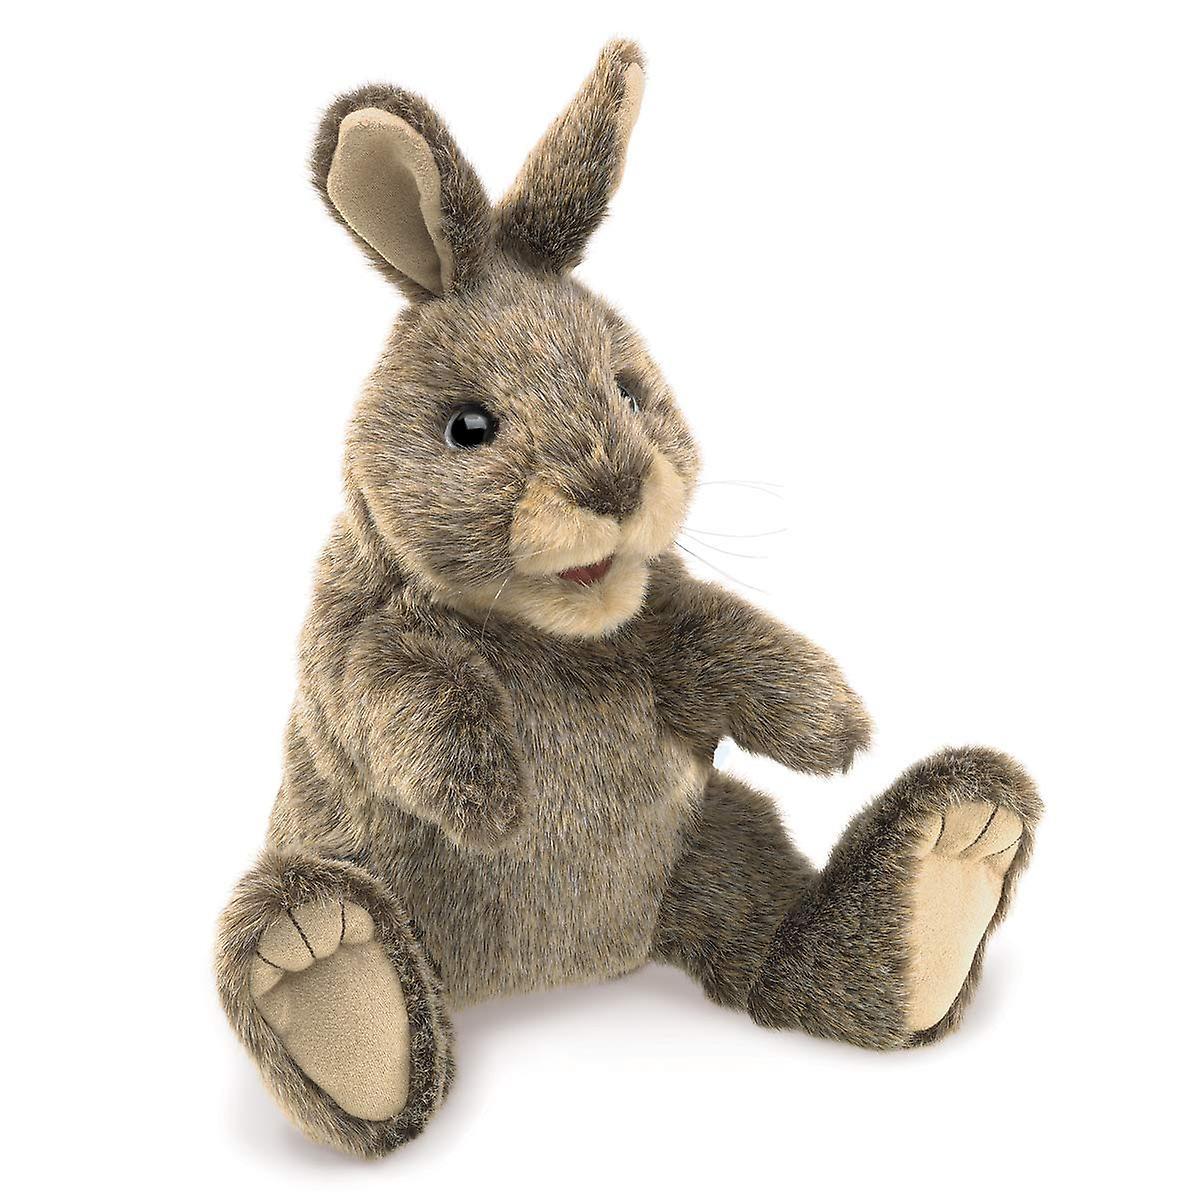 Hand Puppet - Folkhommeis - Rabbit petit Cottontail nouveau Toys Soft Doll Plush 3130